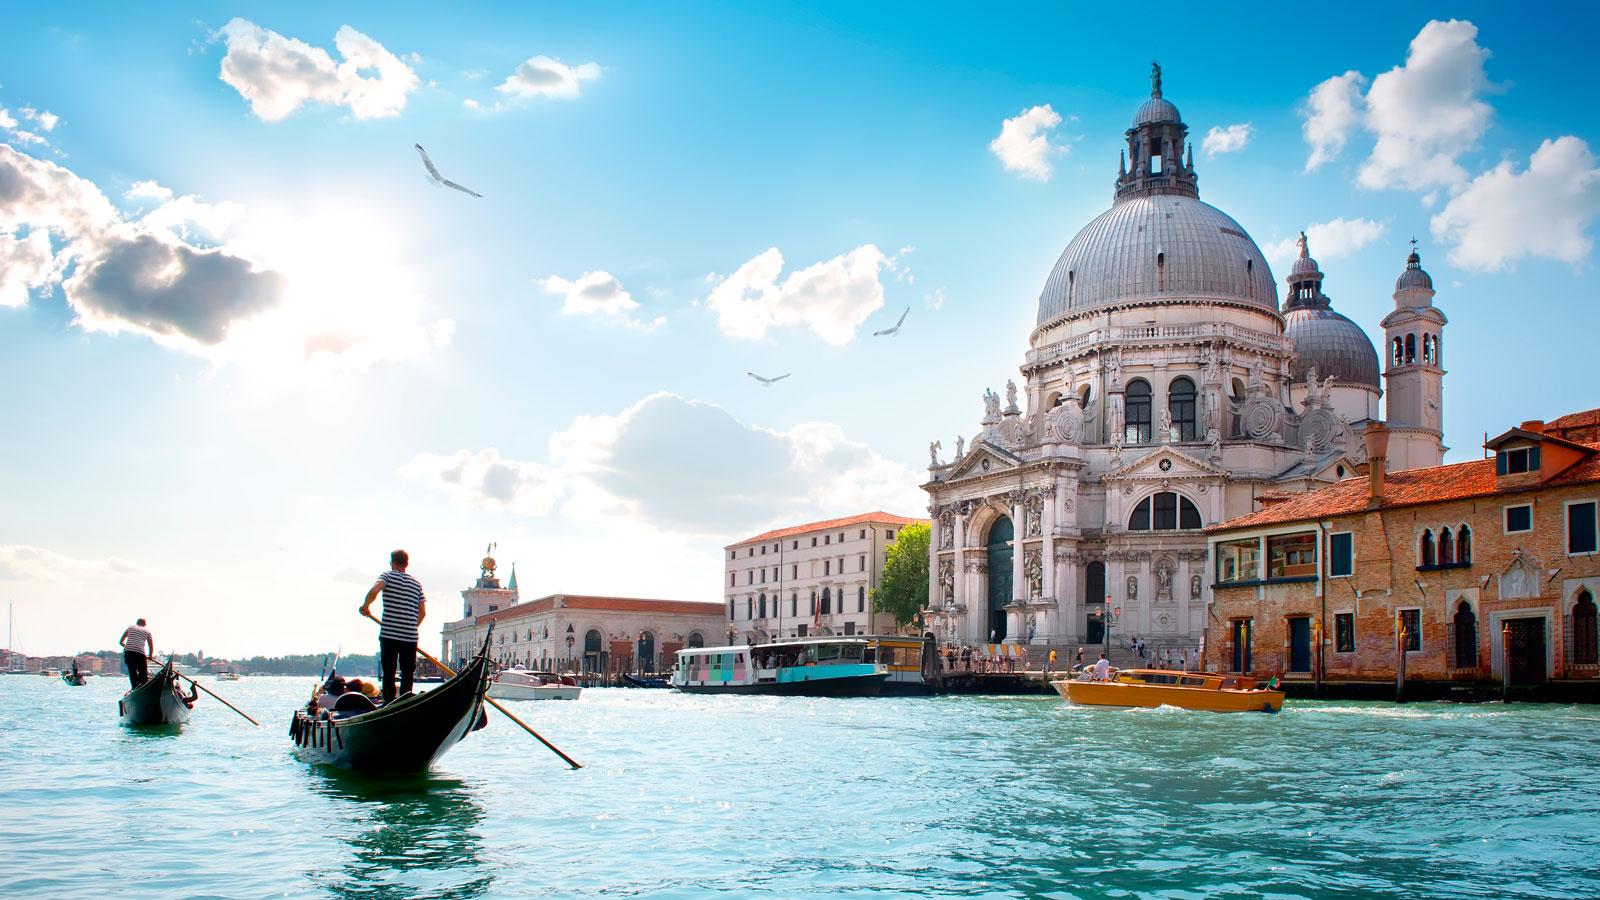 ایتالیا چی داره همه می رن؟